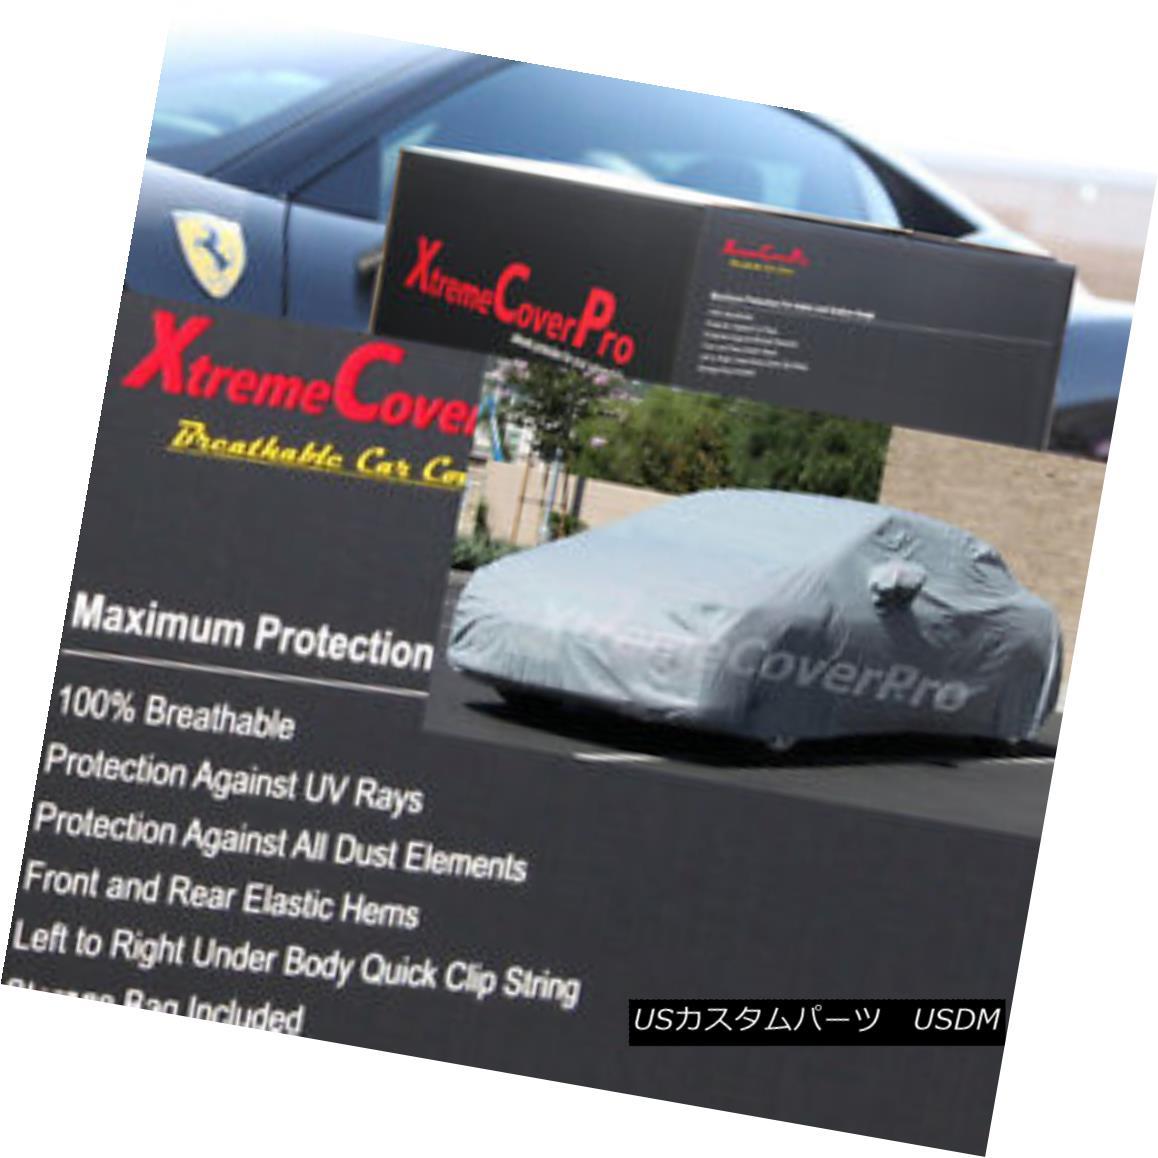 カーカバー 1992 1993 1994 Lincoln Continental Breathable Car Cover w/MirrorPocket 1992 1993 1994リンカーンコンチネンタル通気性車カバー付き/ミラーポケット